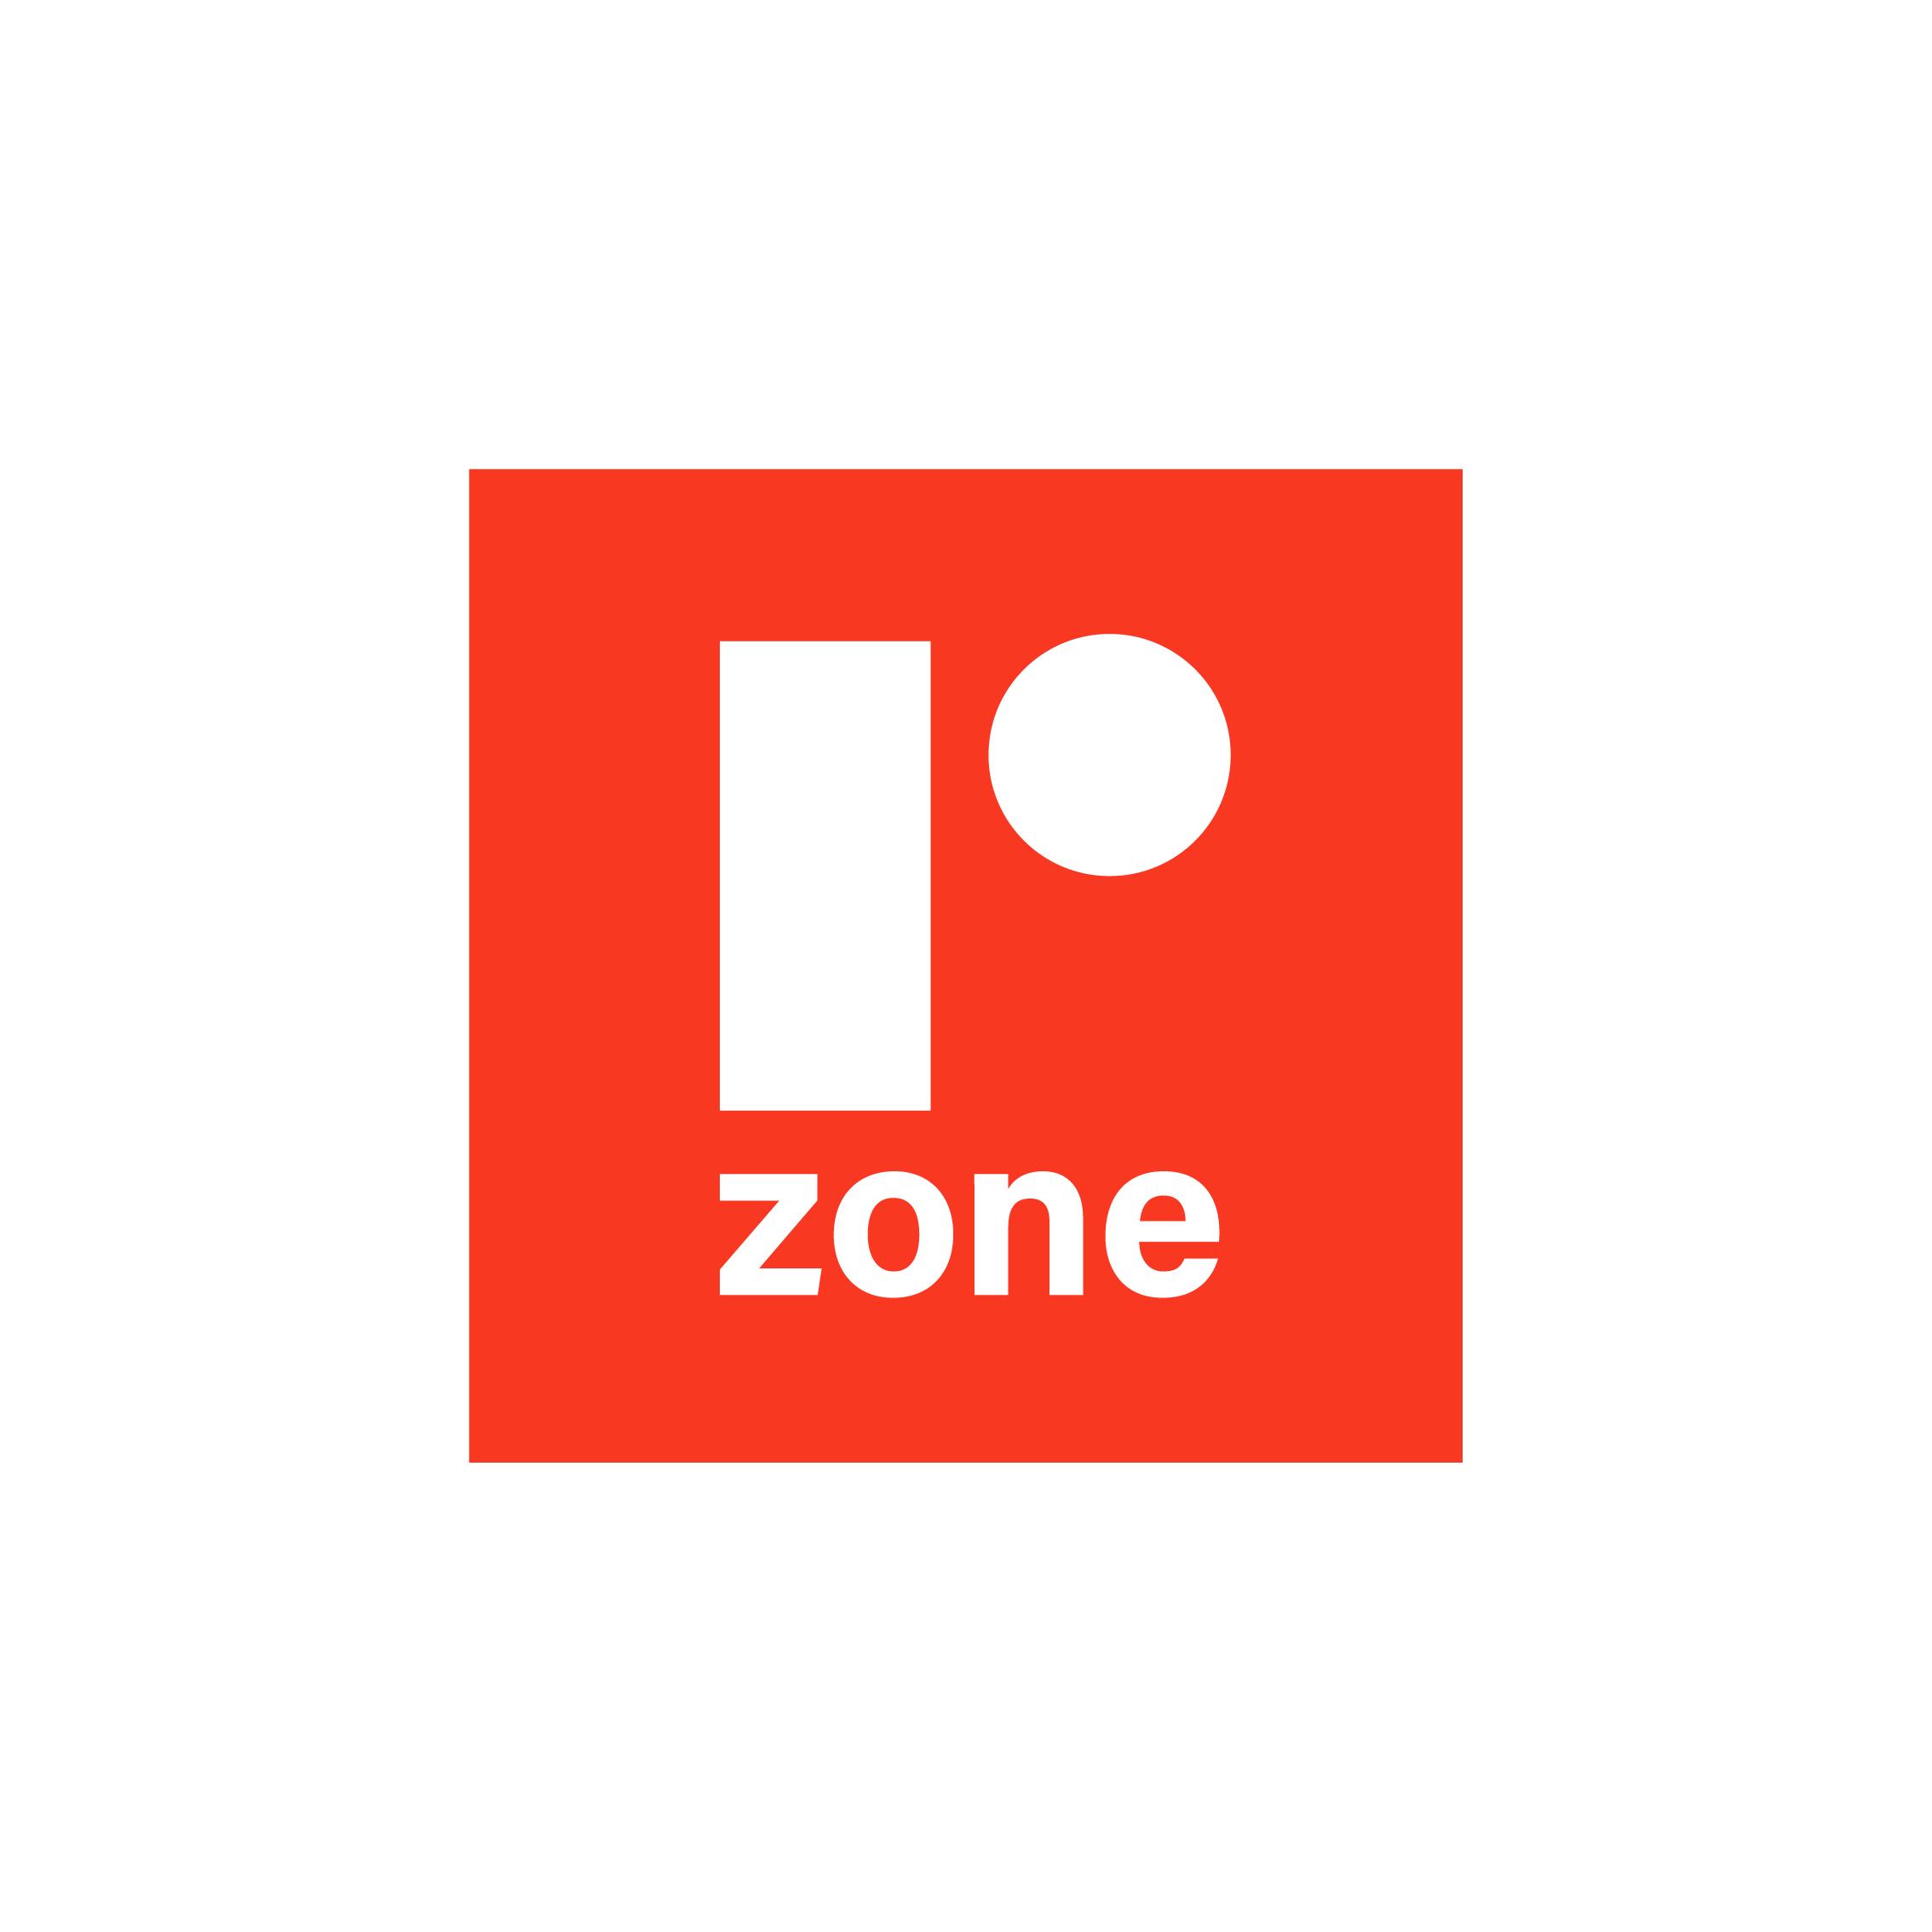 www.r-zone.eu